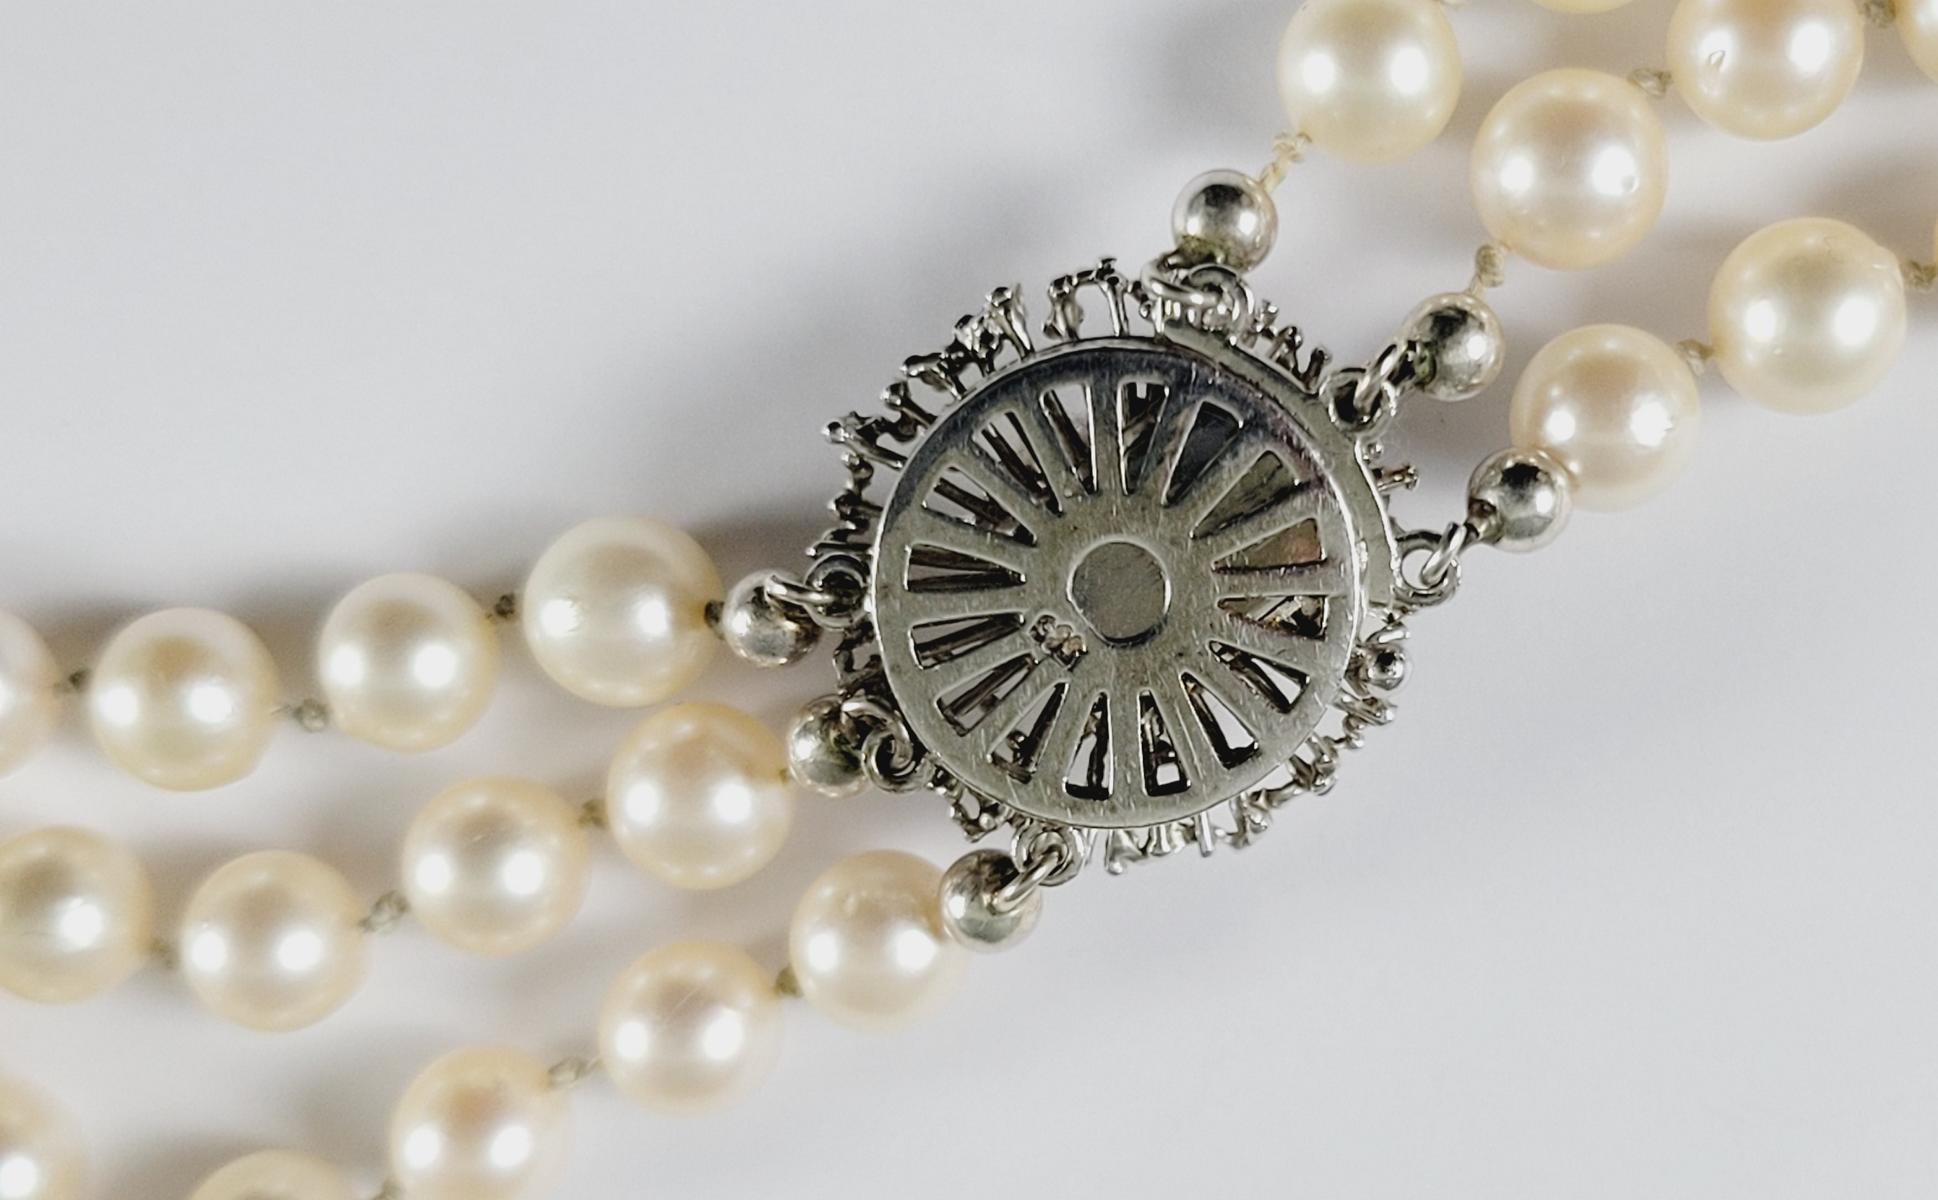 Perlenkette mit 14 Karat Weißgoldschließe-2